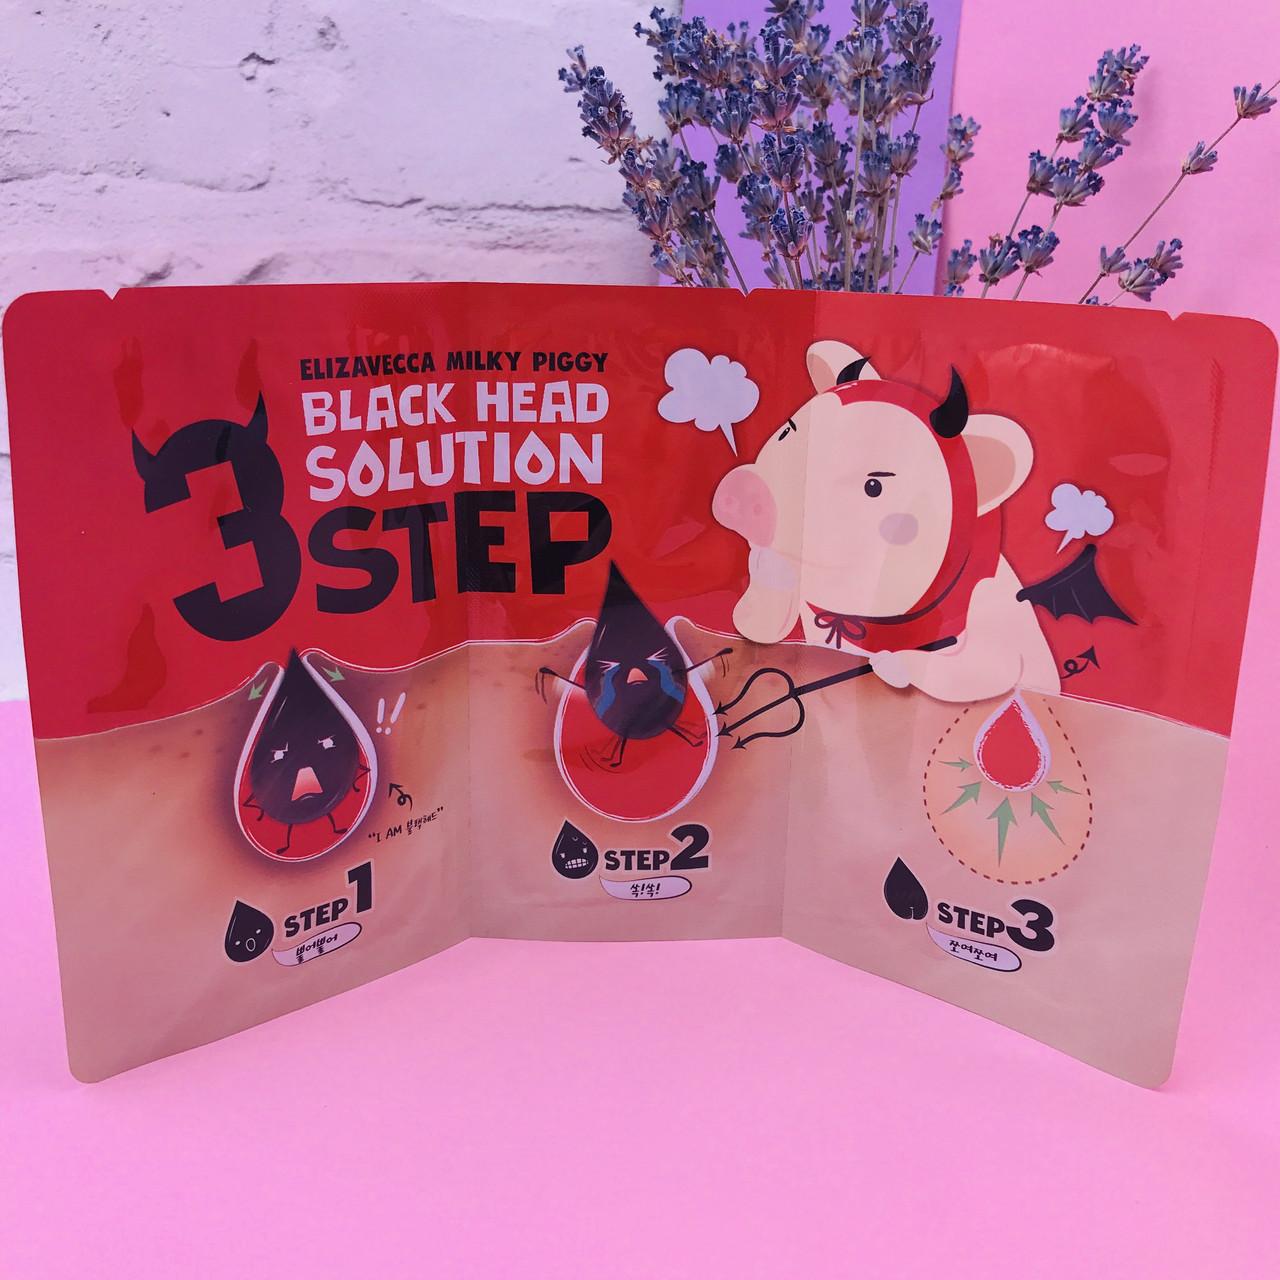 Elizavecca Набор для очищения кожи носа от черных точек Milky Piggy Black Head Solution 3-Step